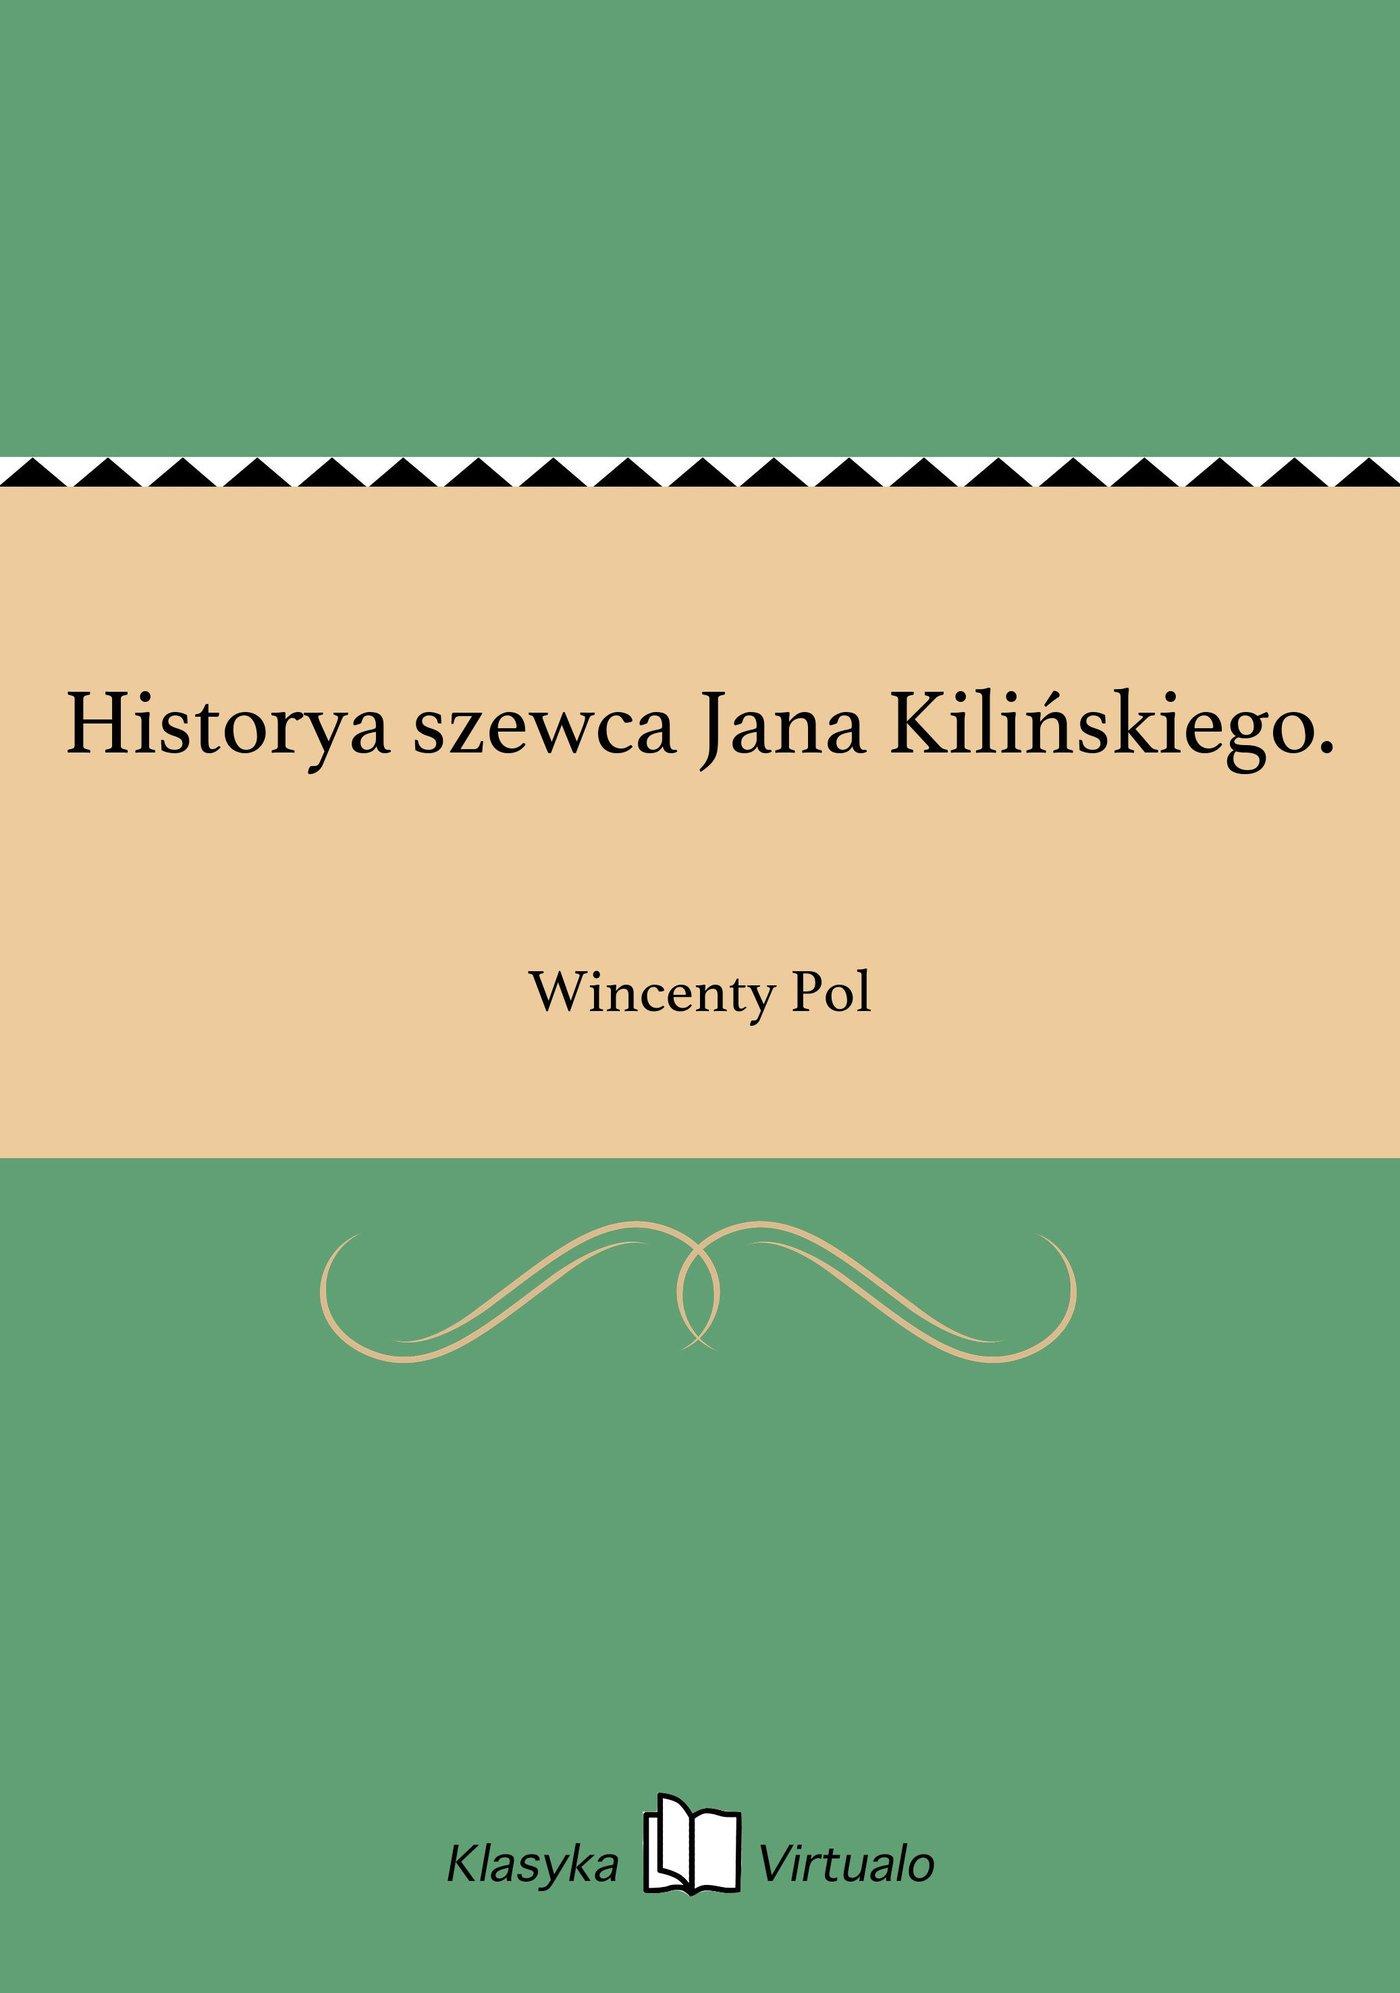 Historya szewca Jana Kilińskiego. - Ebook (Książka EPUB) do pobrania w formacie EPUB